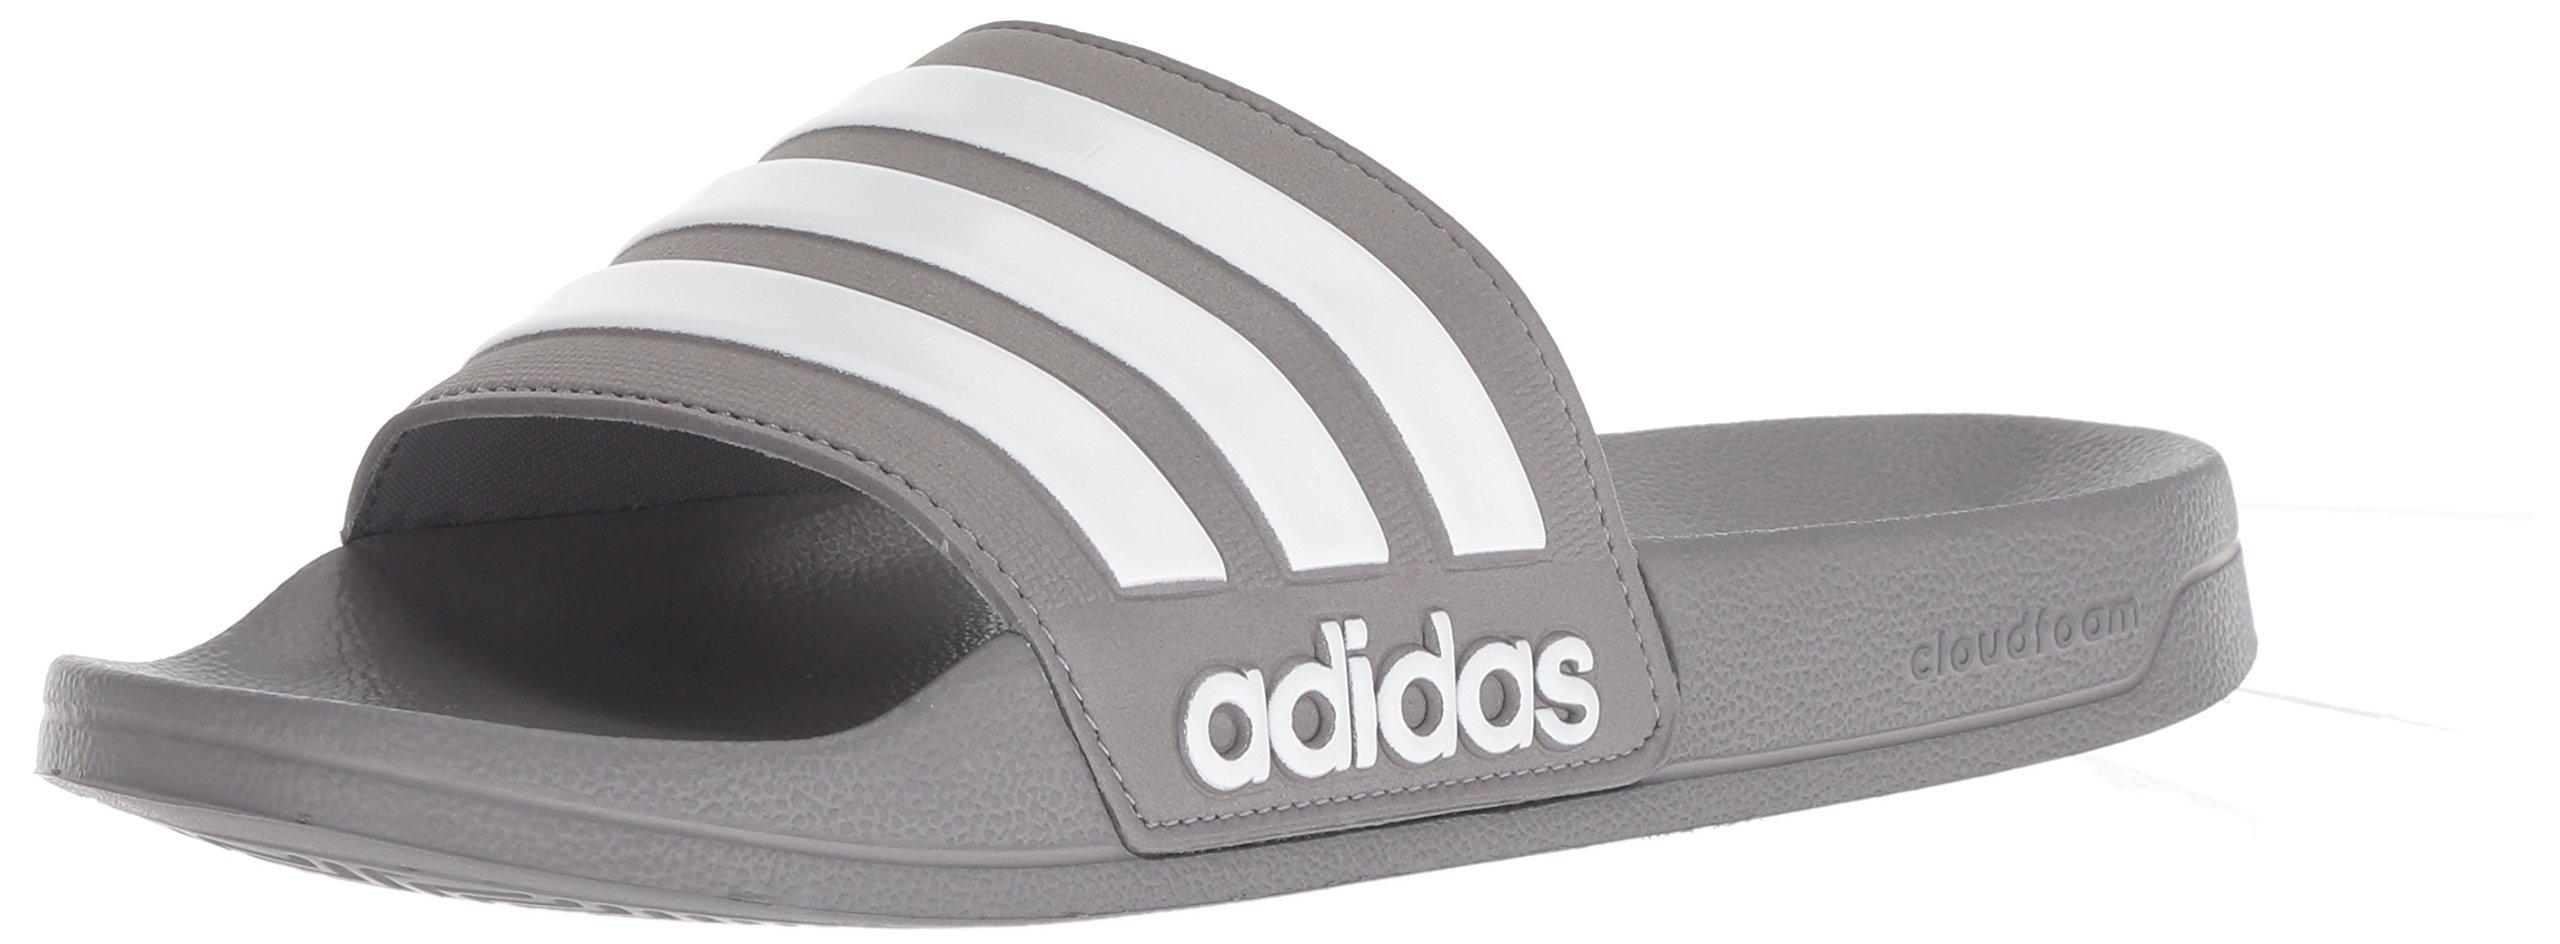 99901e37e Galleon - Adidas Men s Adilette Shower Slide Sandal